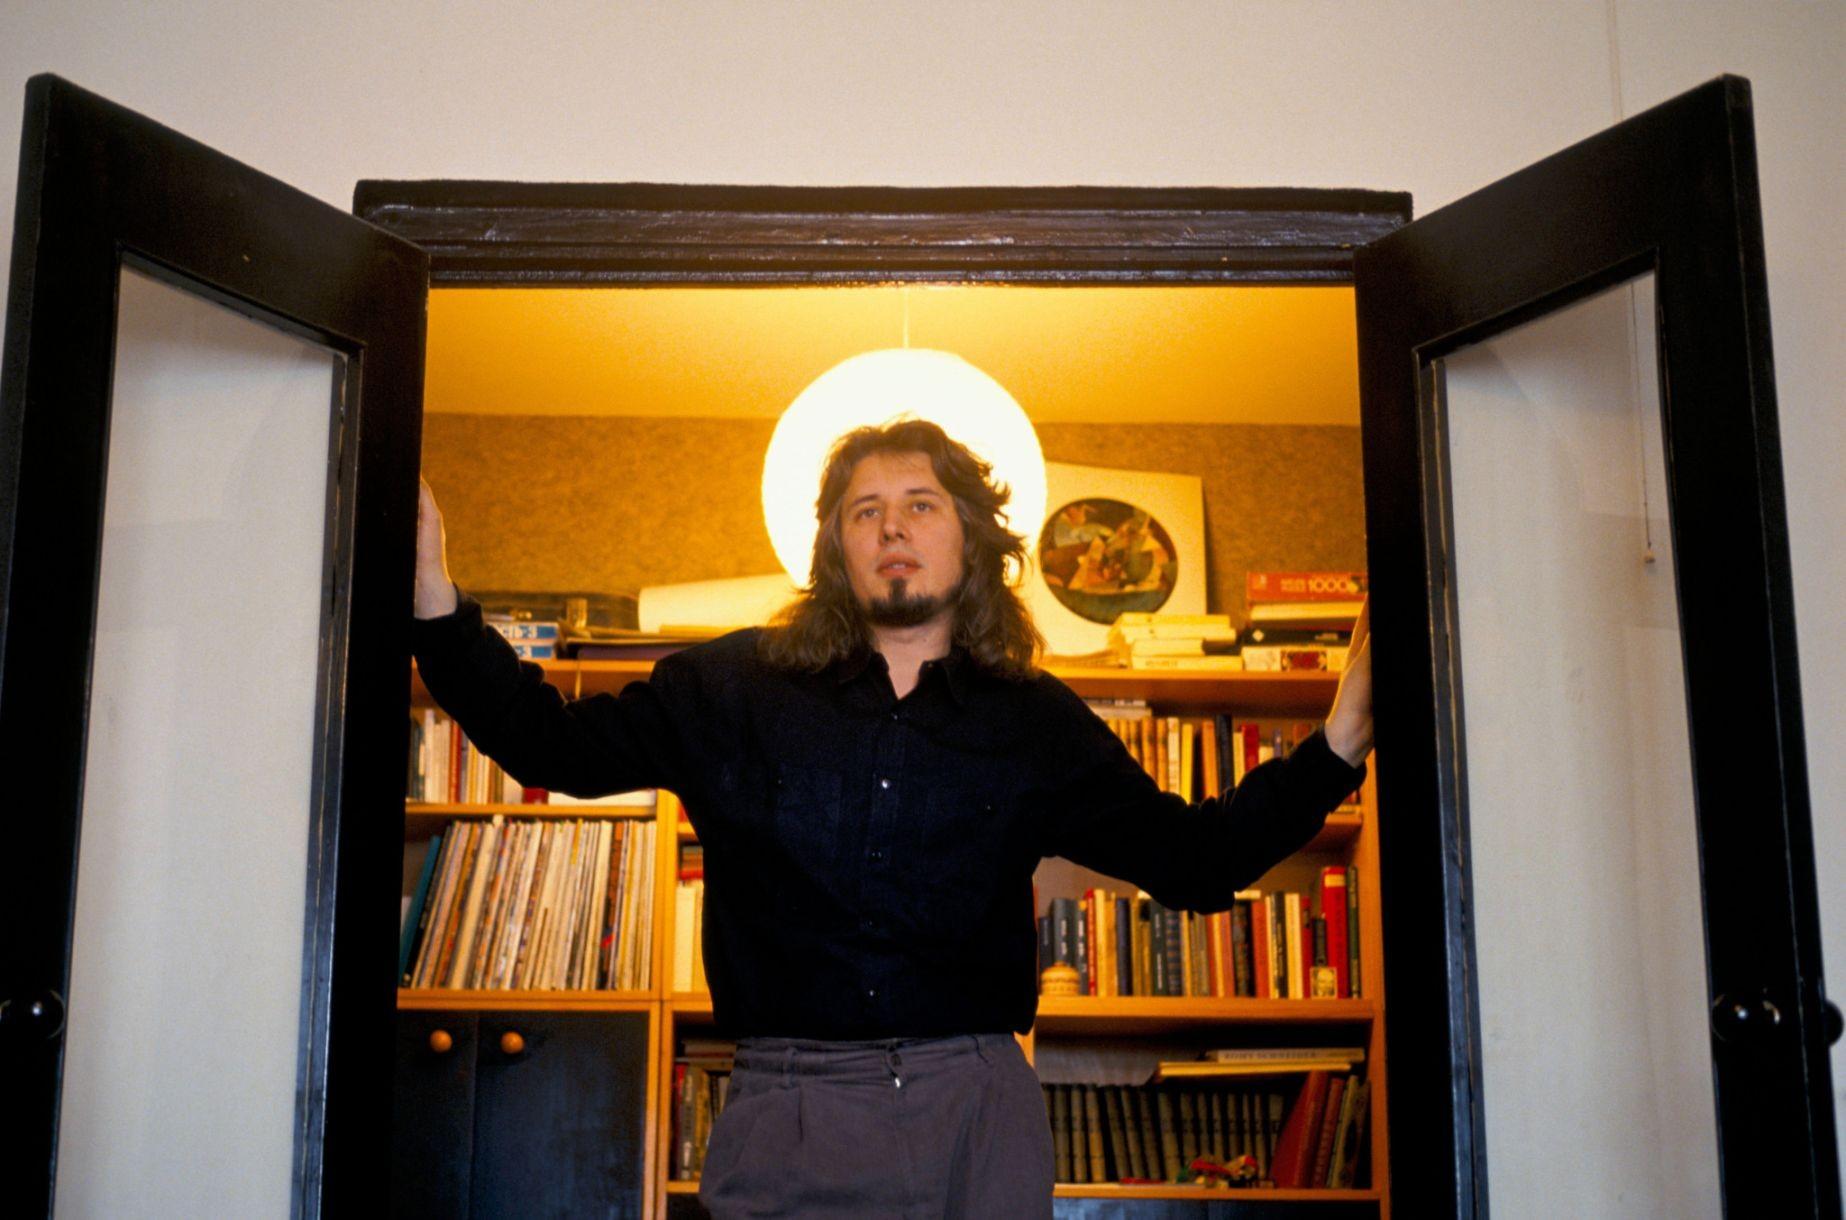 סורוקין ב-1994. התחיל כצייר ומאייר בשנות ה-70, לפני שעבר לעסוק בספרות